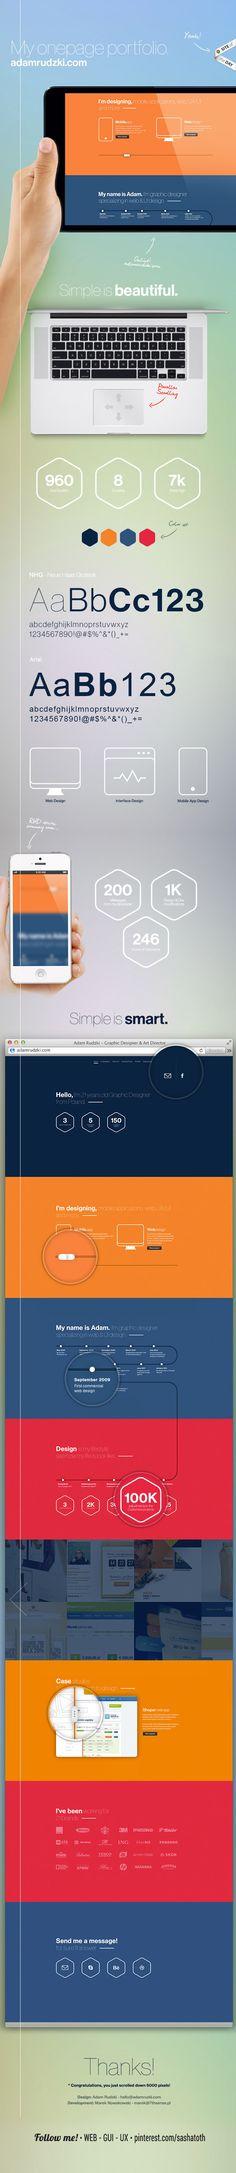 adamrudzki.com - Portfolio by Adam Rudzki, via Behance *** Site of the Day *** #web #design #behance